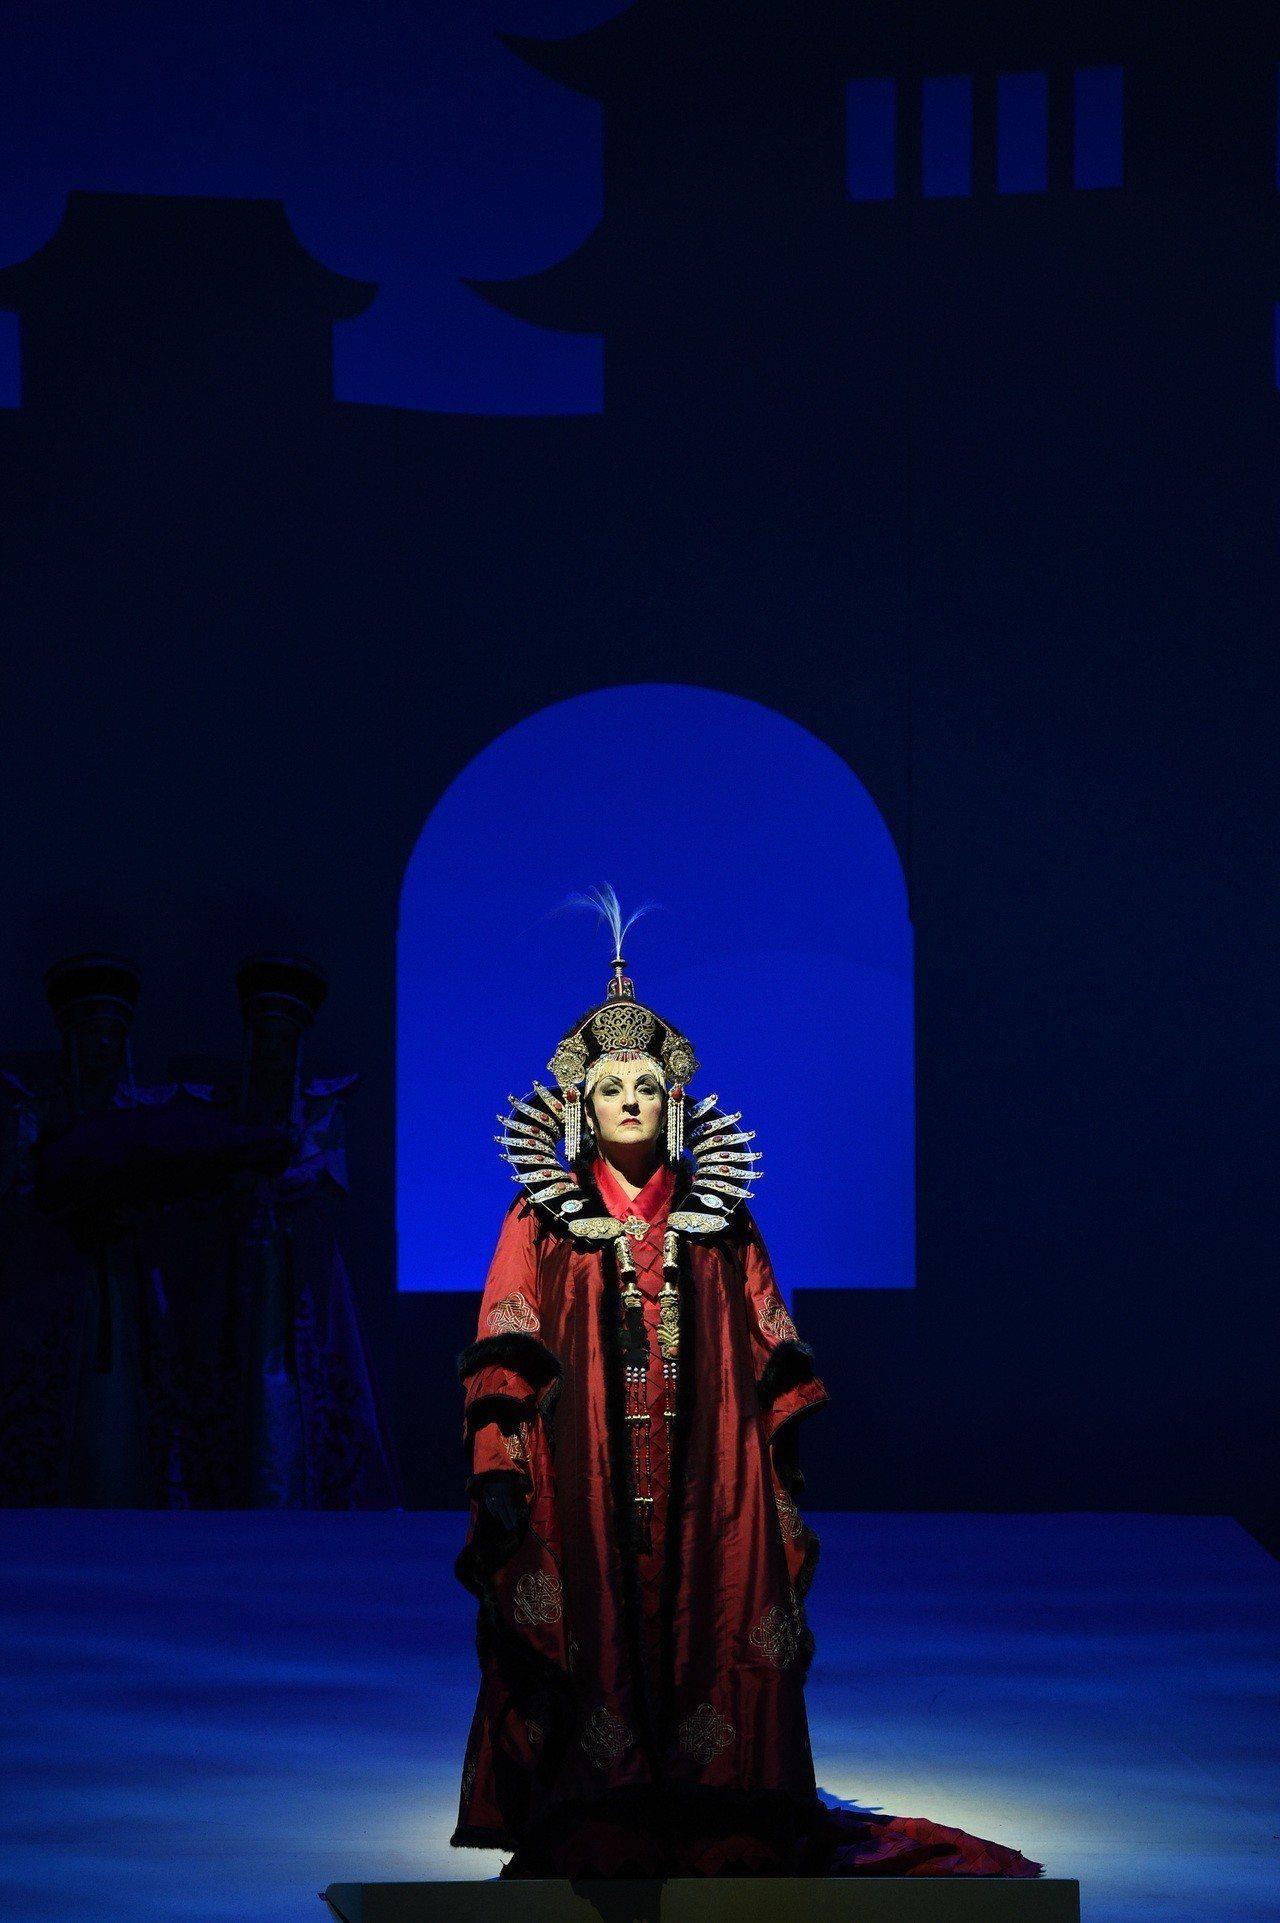 ▲2015年促成德國萊茵歌劇院與臺灣眾多創意人才的歌劇《杜蘭朵》,是簡文彬認為衛...